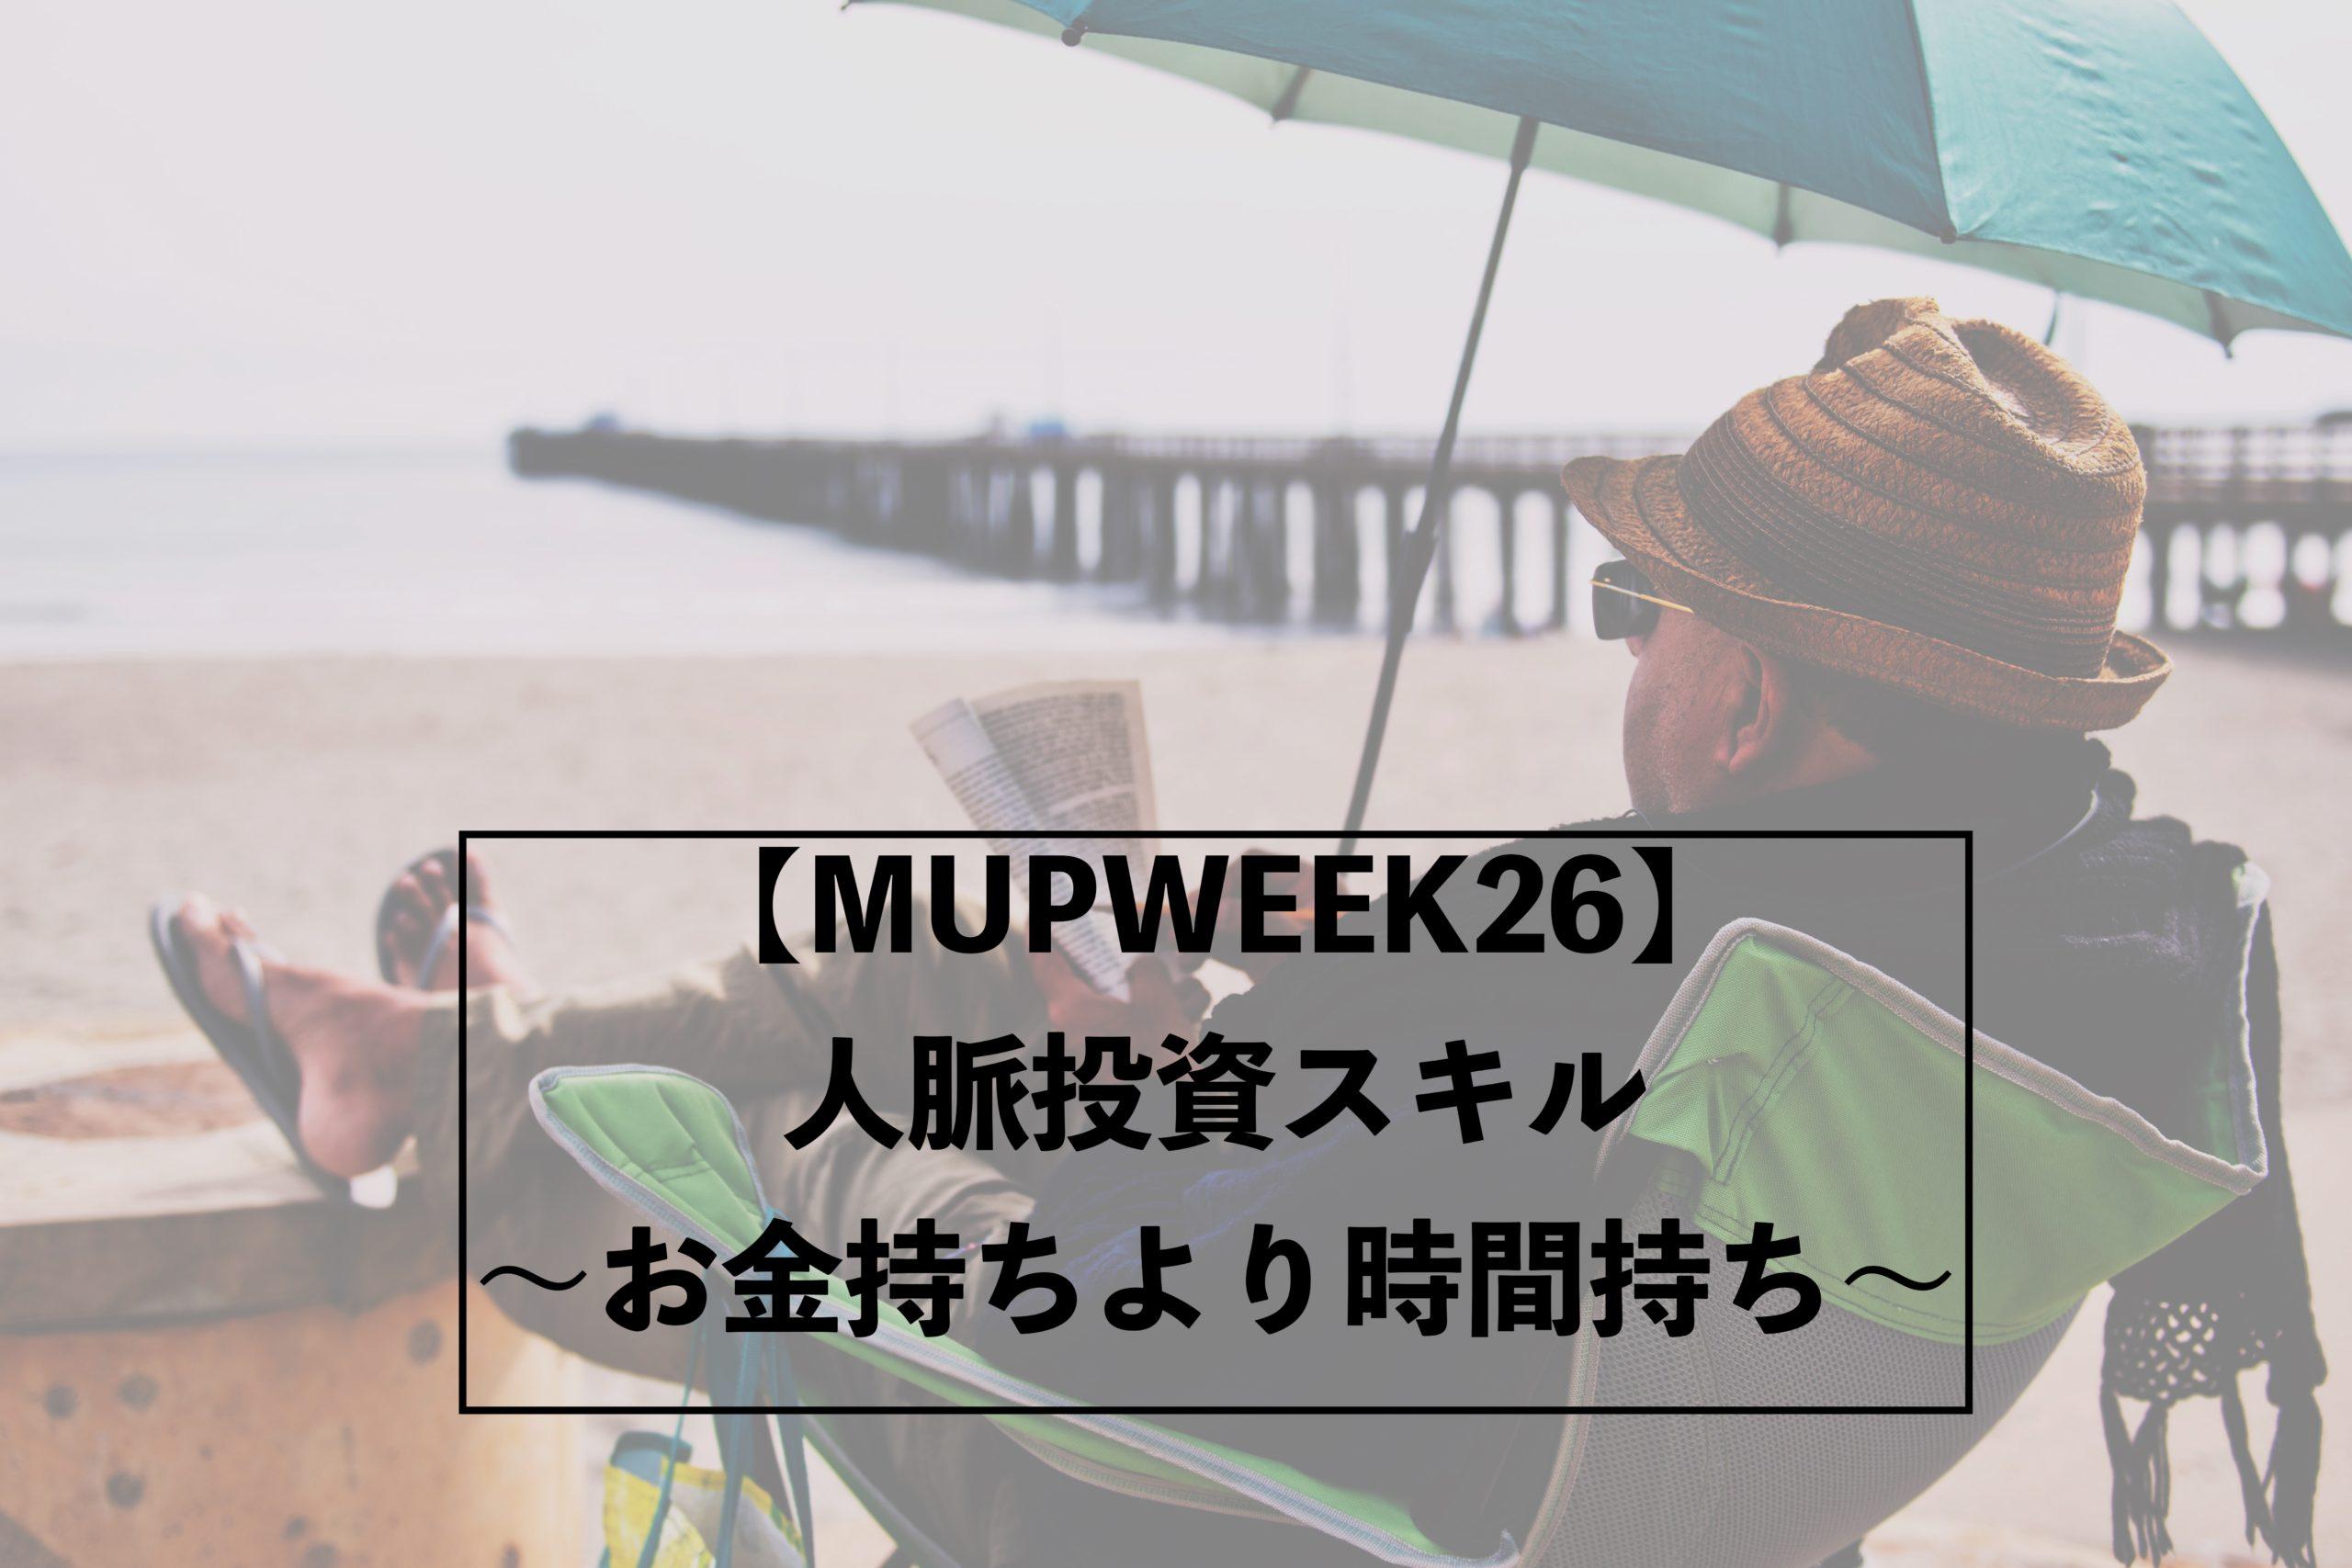 MUPWEEK26